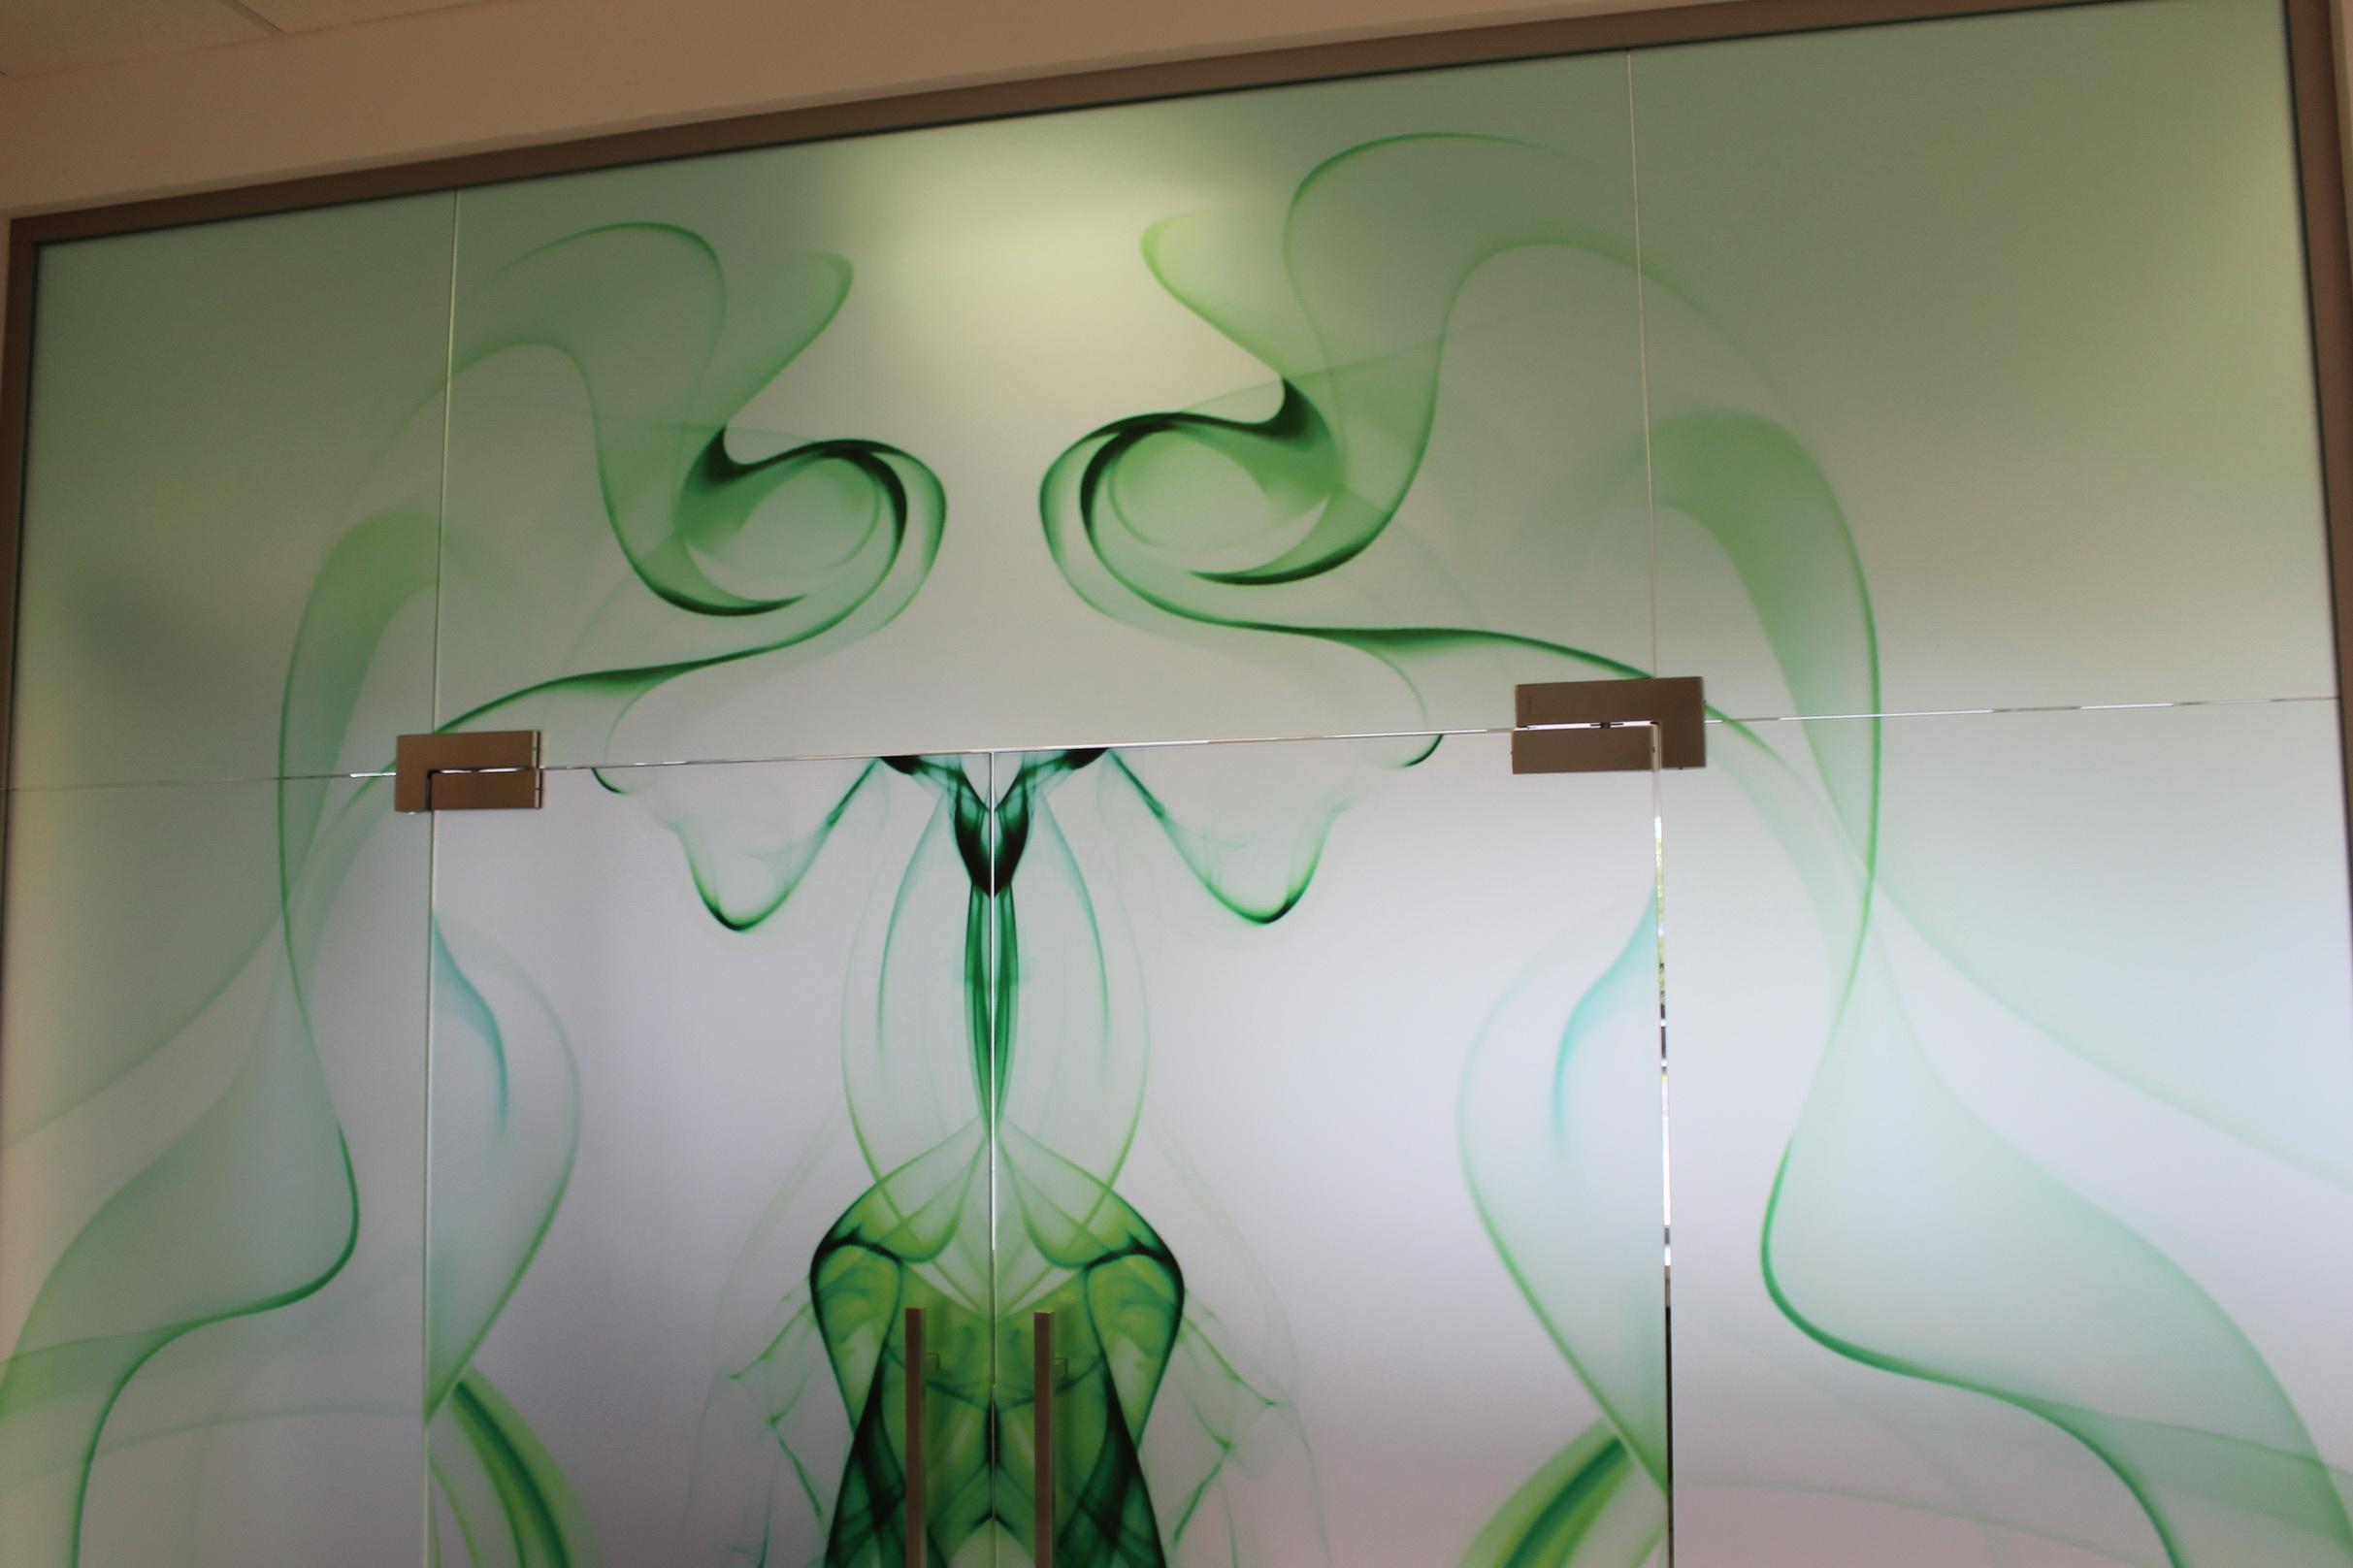 sklenena stena 01.4